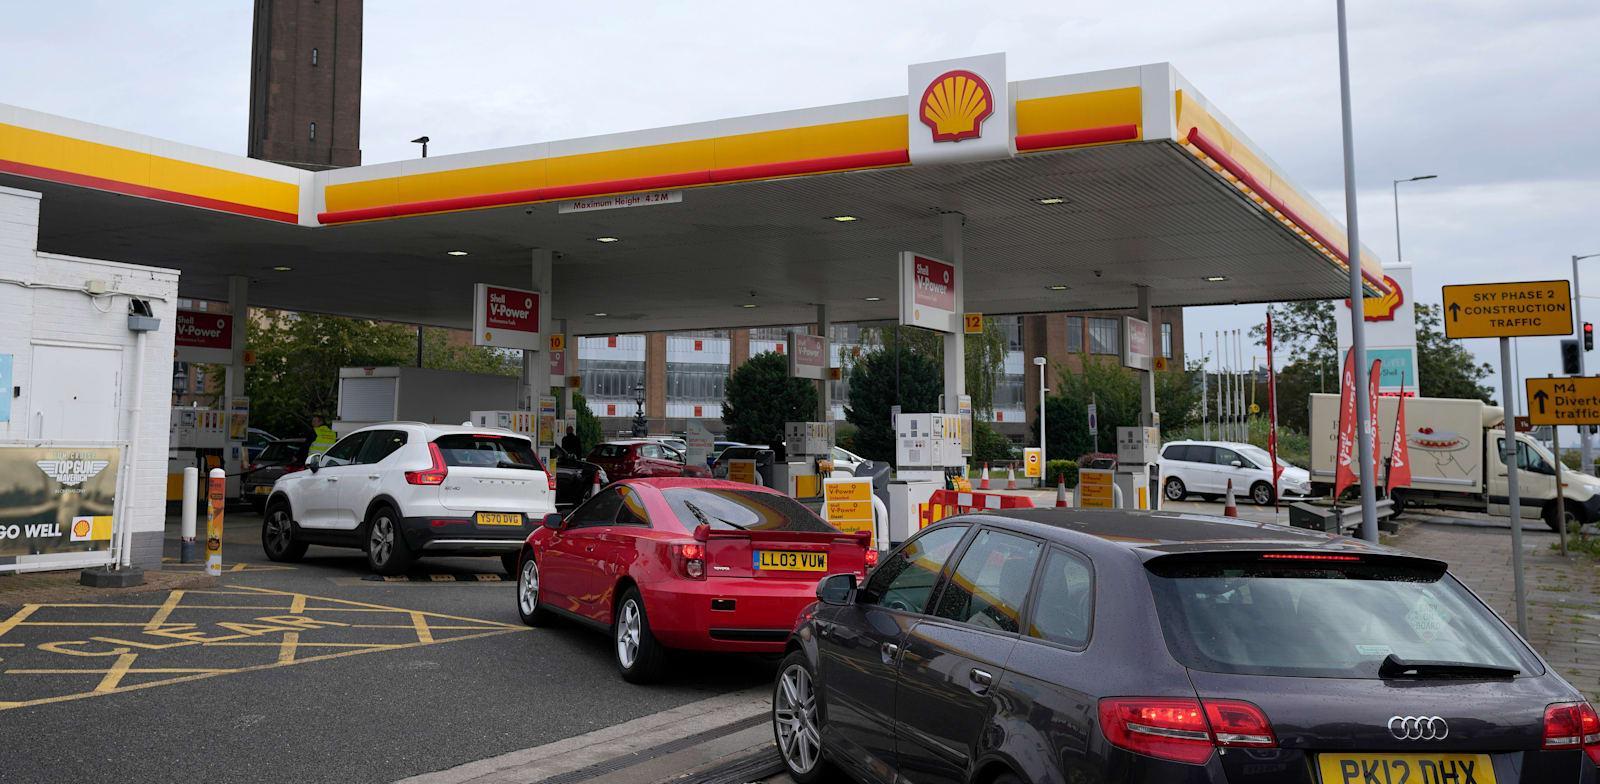 תורים בתחנת דלק בלונדון, היום. משבר האנרגיה מכה באירופה / צילום: Associated Press, Frank Augstein